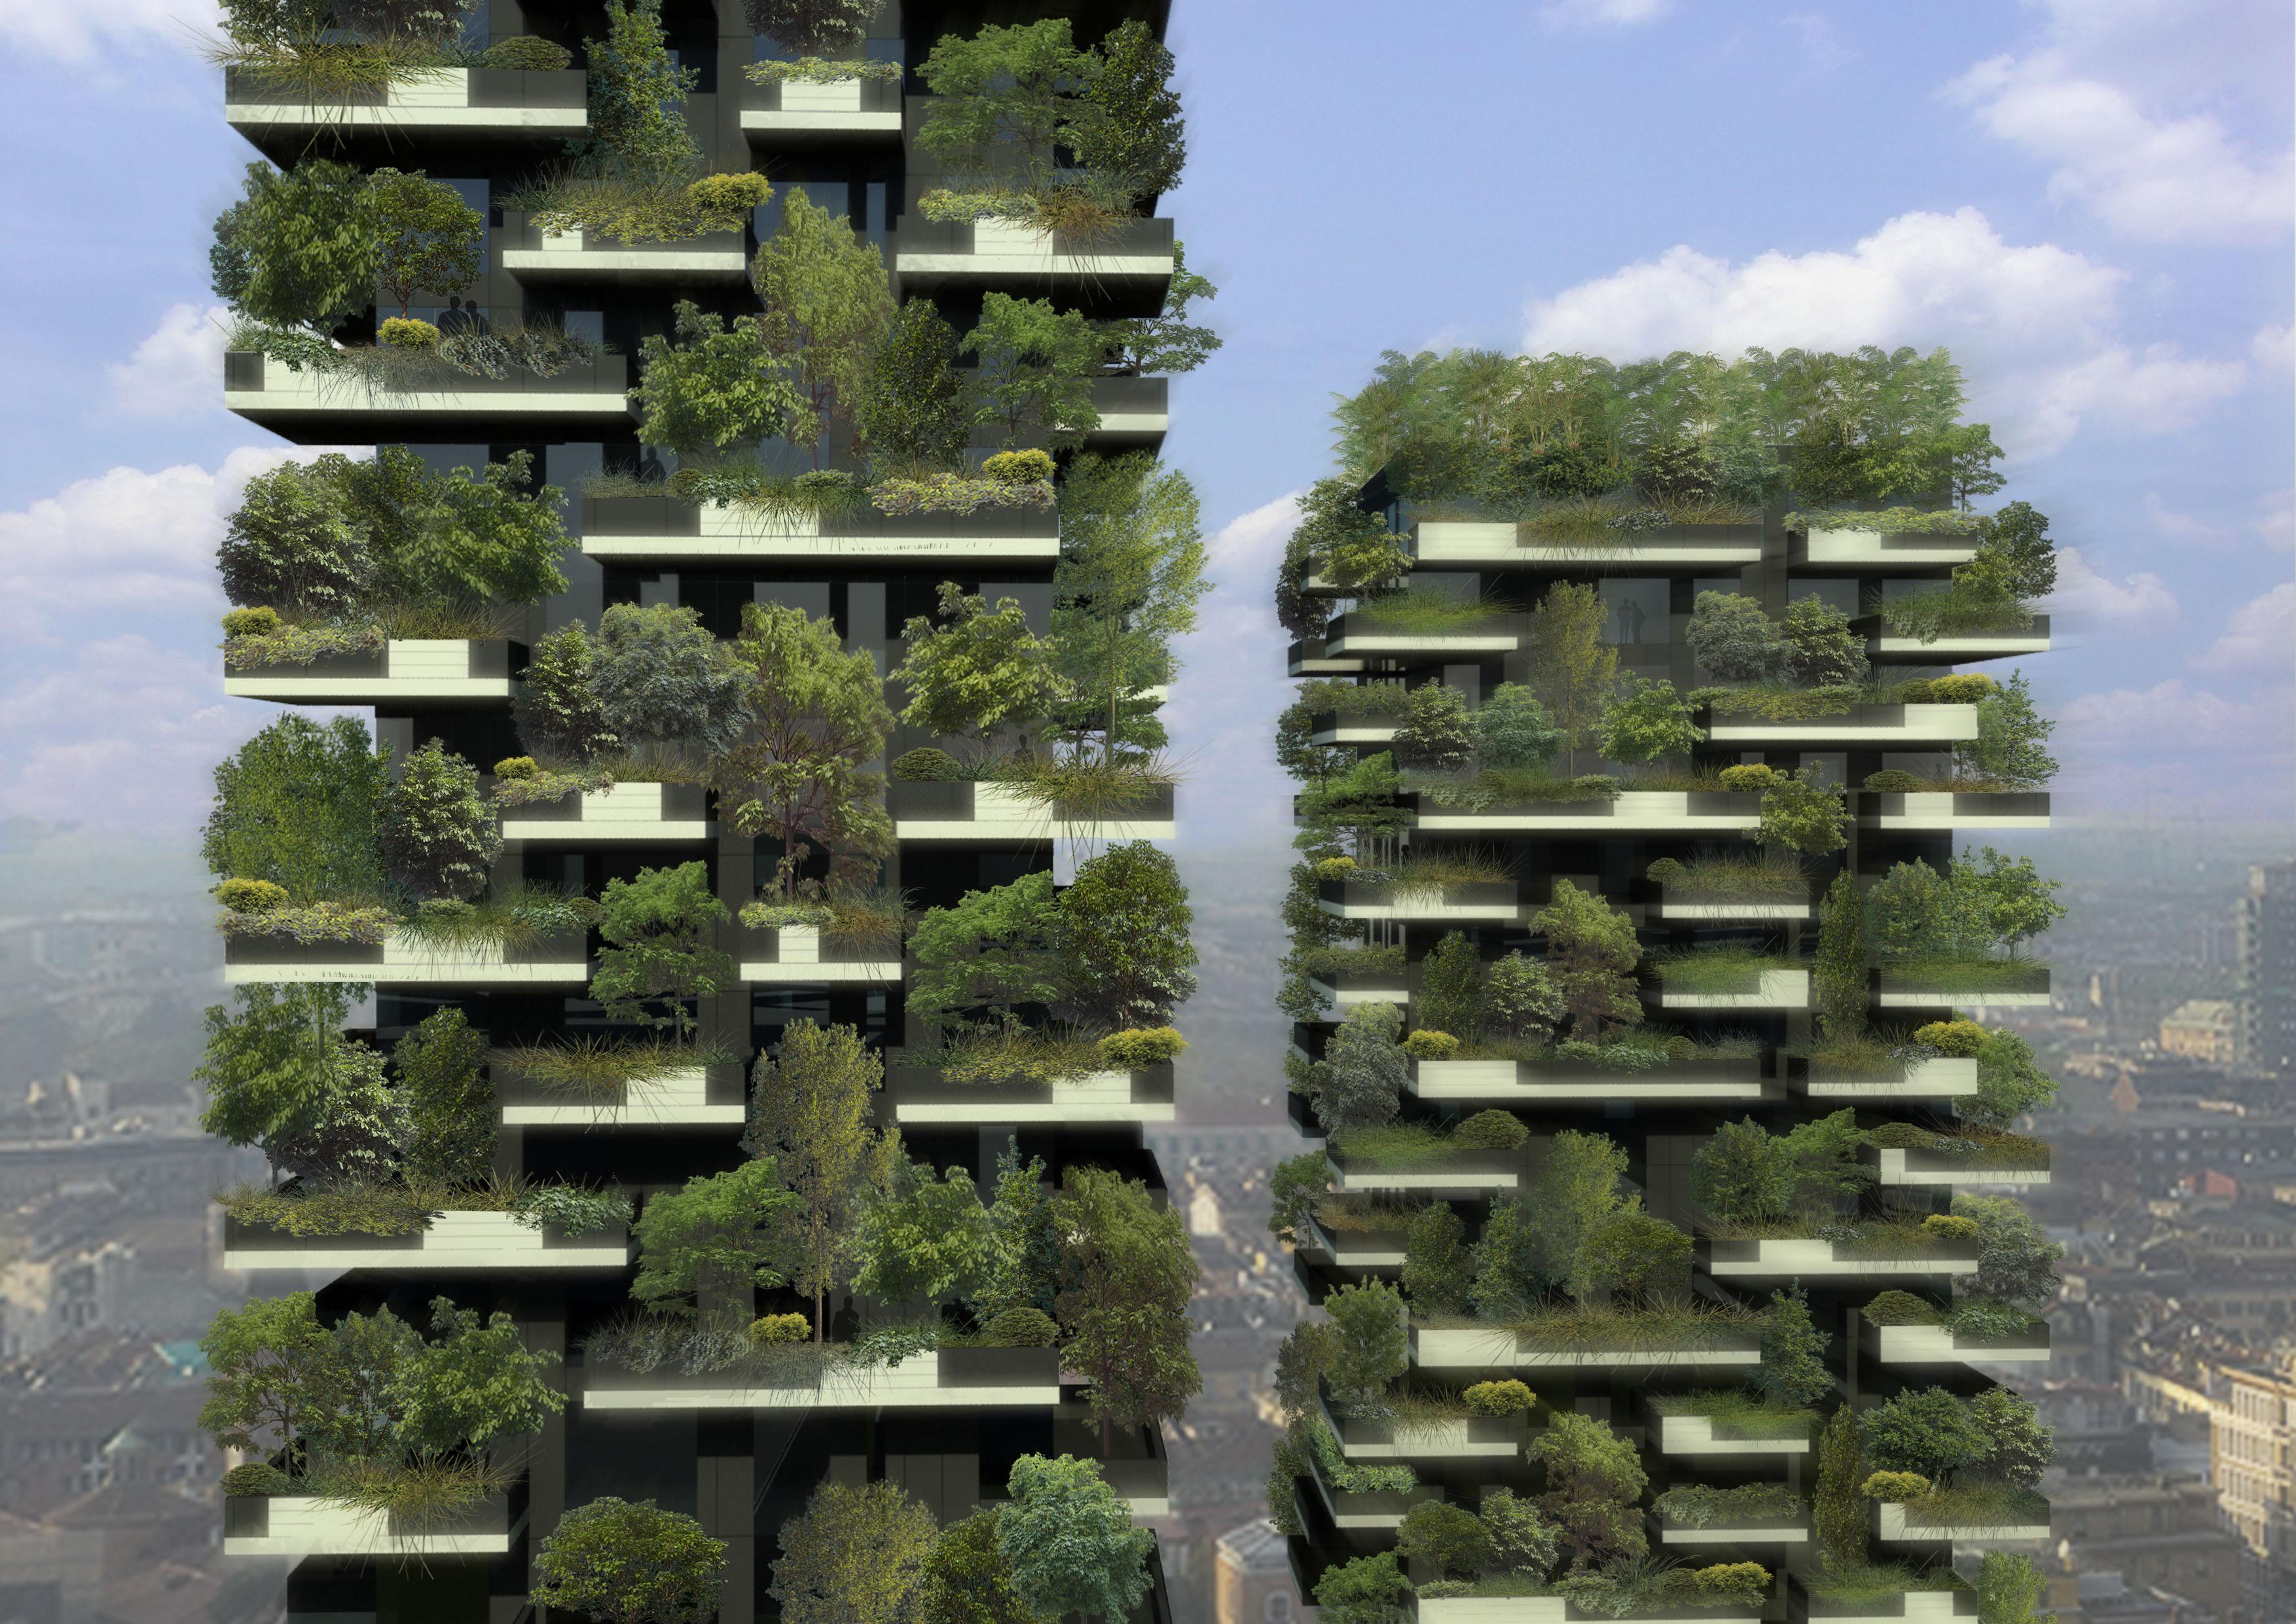 In Mailand entsteht ein vertikaler Wald auf zwei Hochhäusern